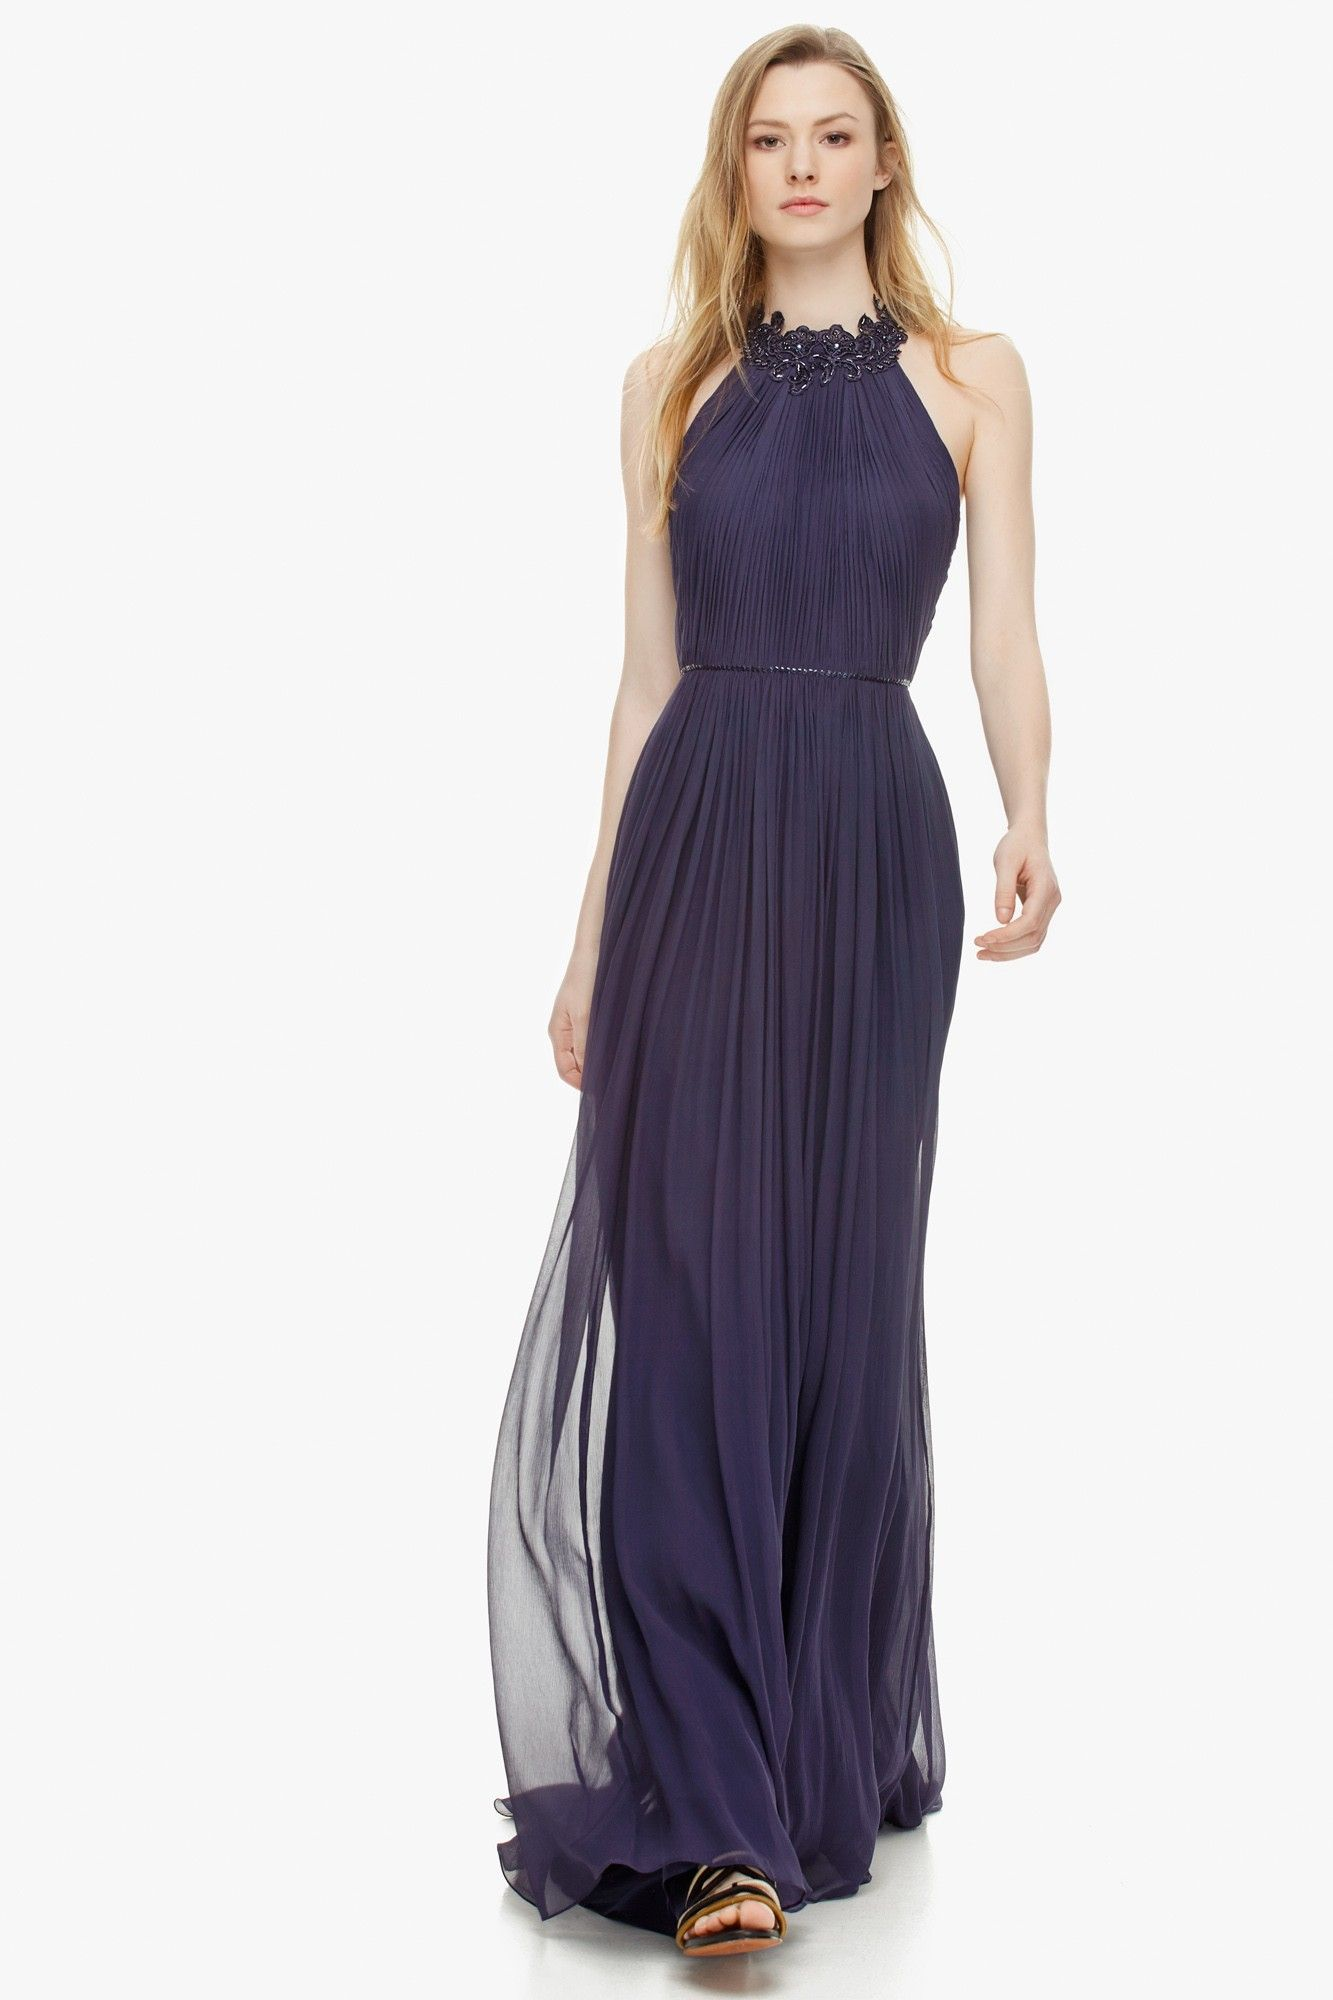 Vestido de seda y escote halter bordado vestidos for Vestidos largos adolfo dominguez outlet